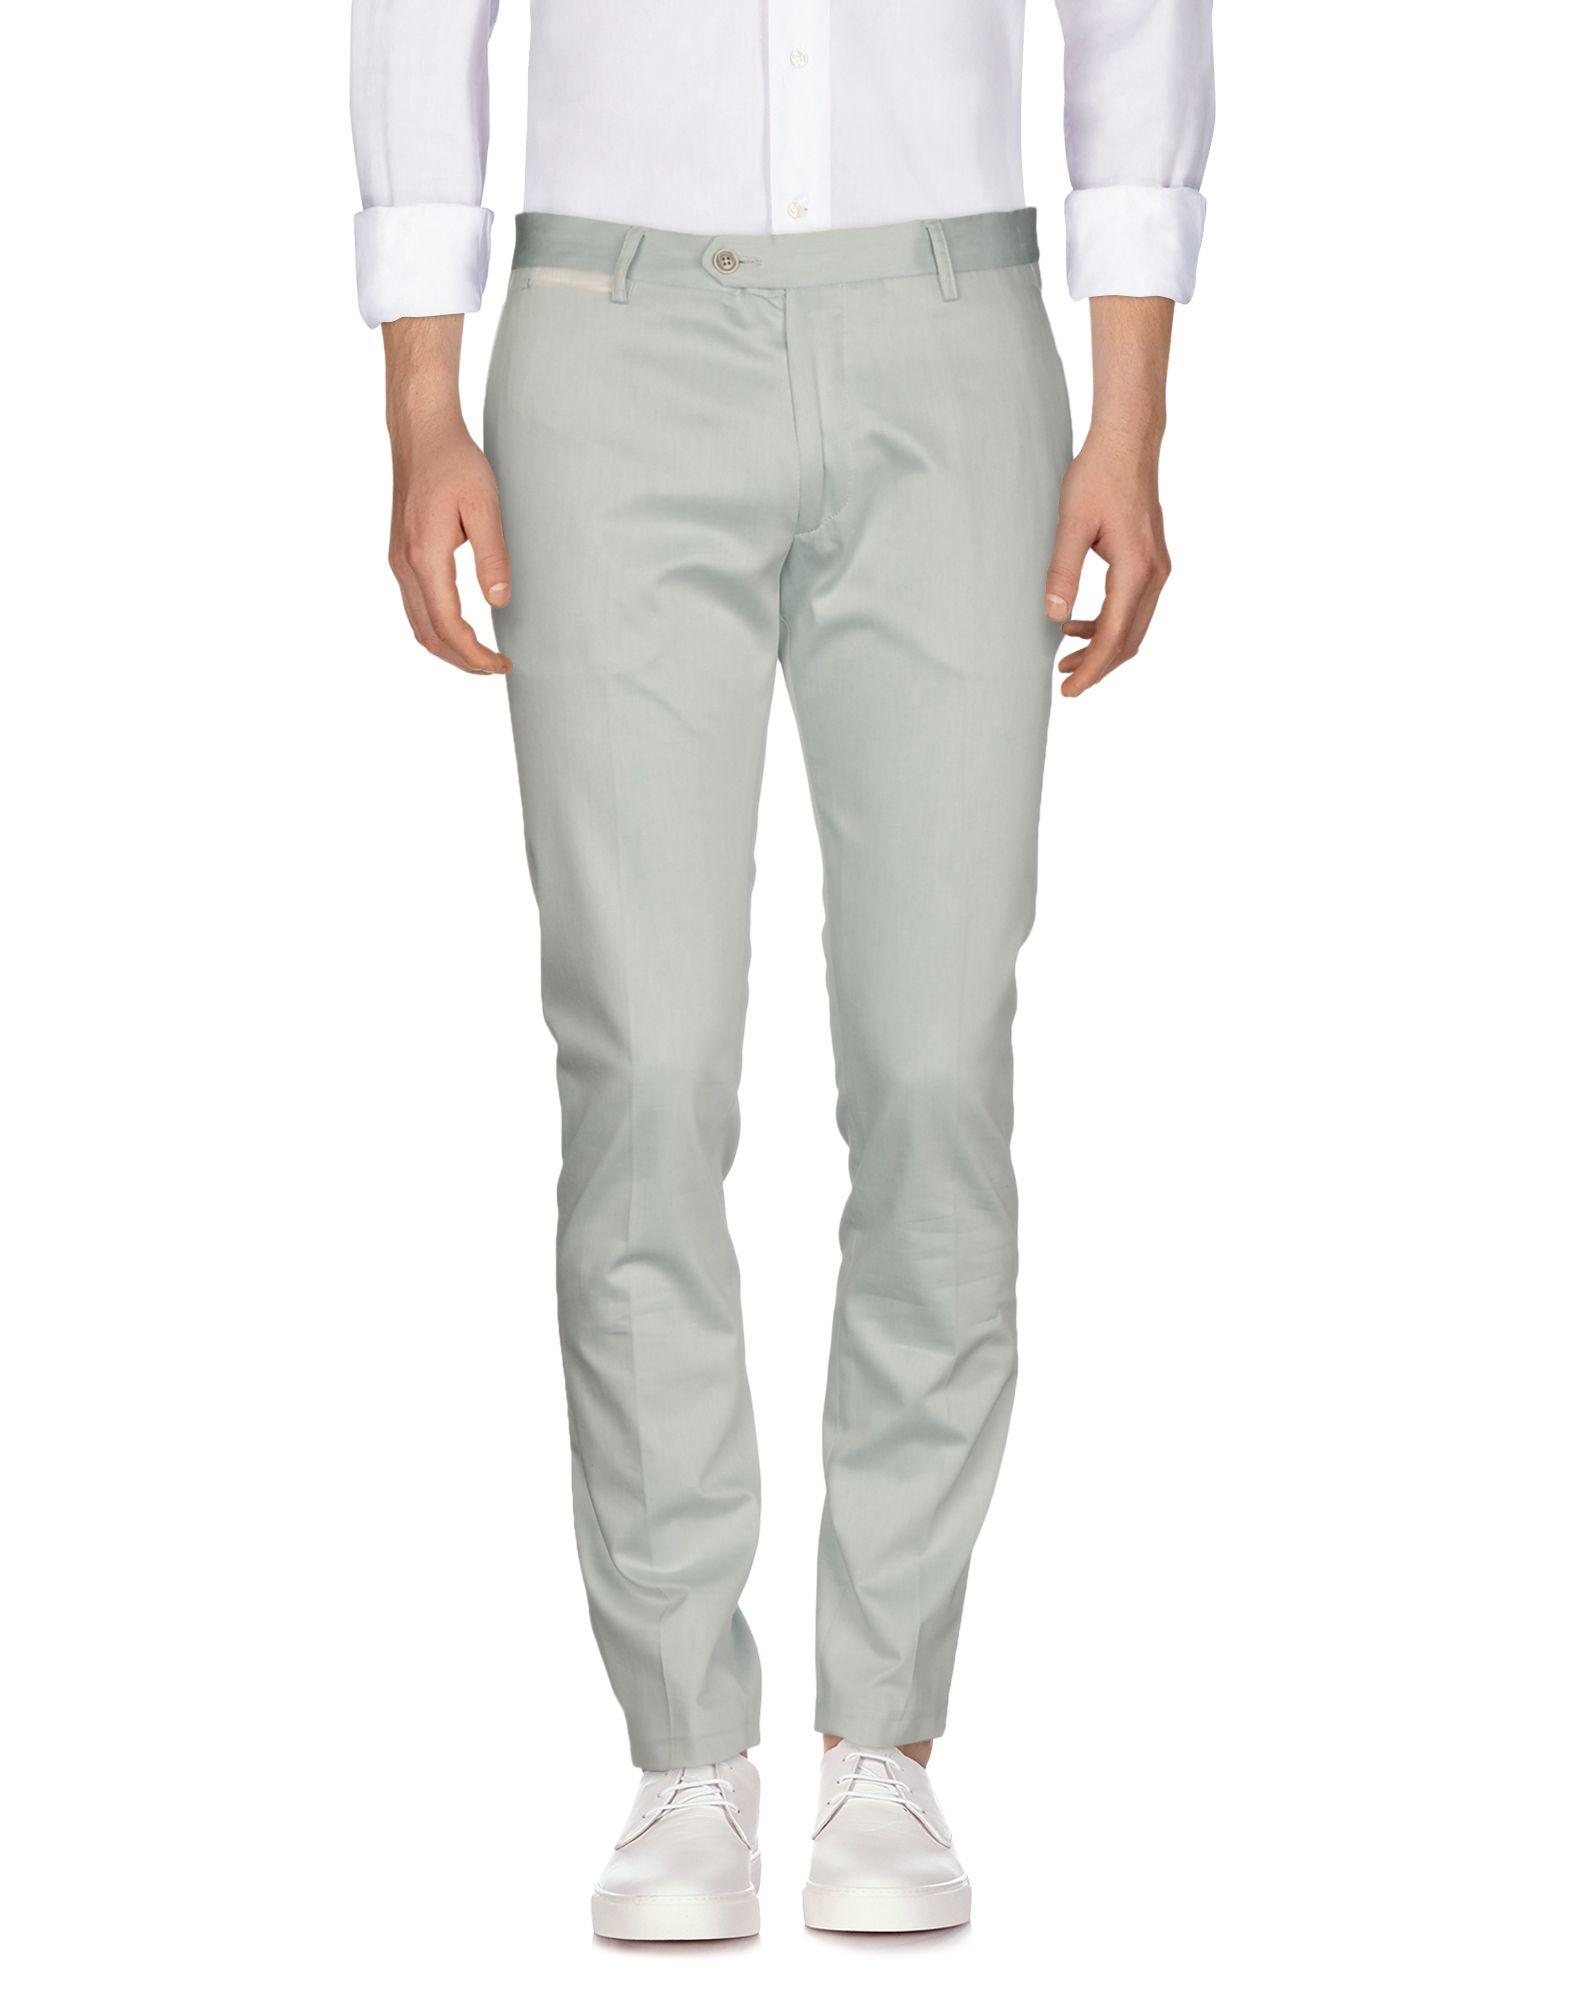 Pantaloni Jeans Jeans Jeans Berwich Uomo - 42654865TA 64f9bd